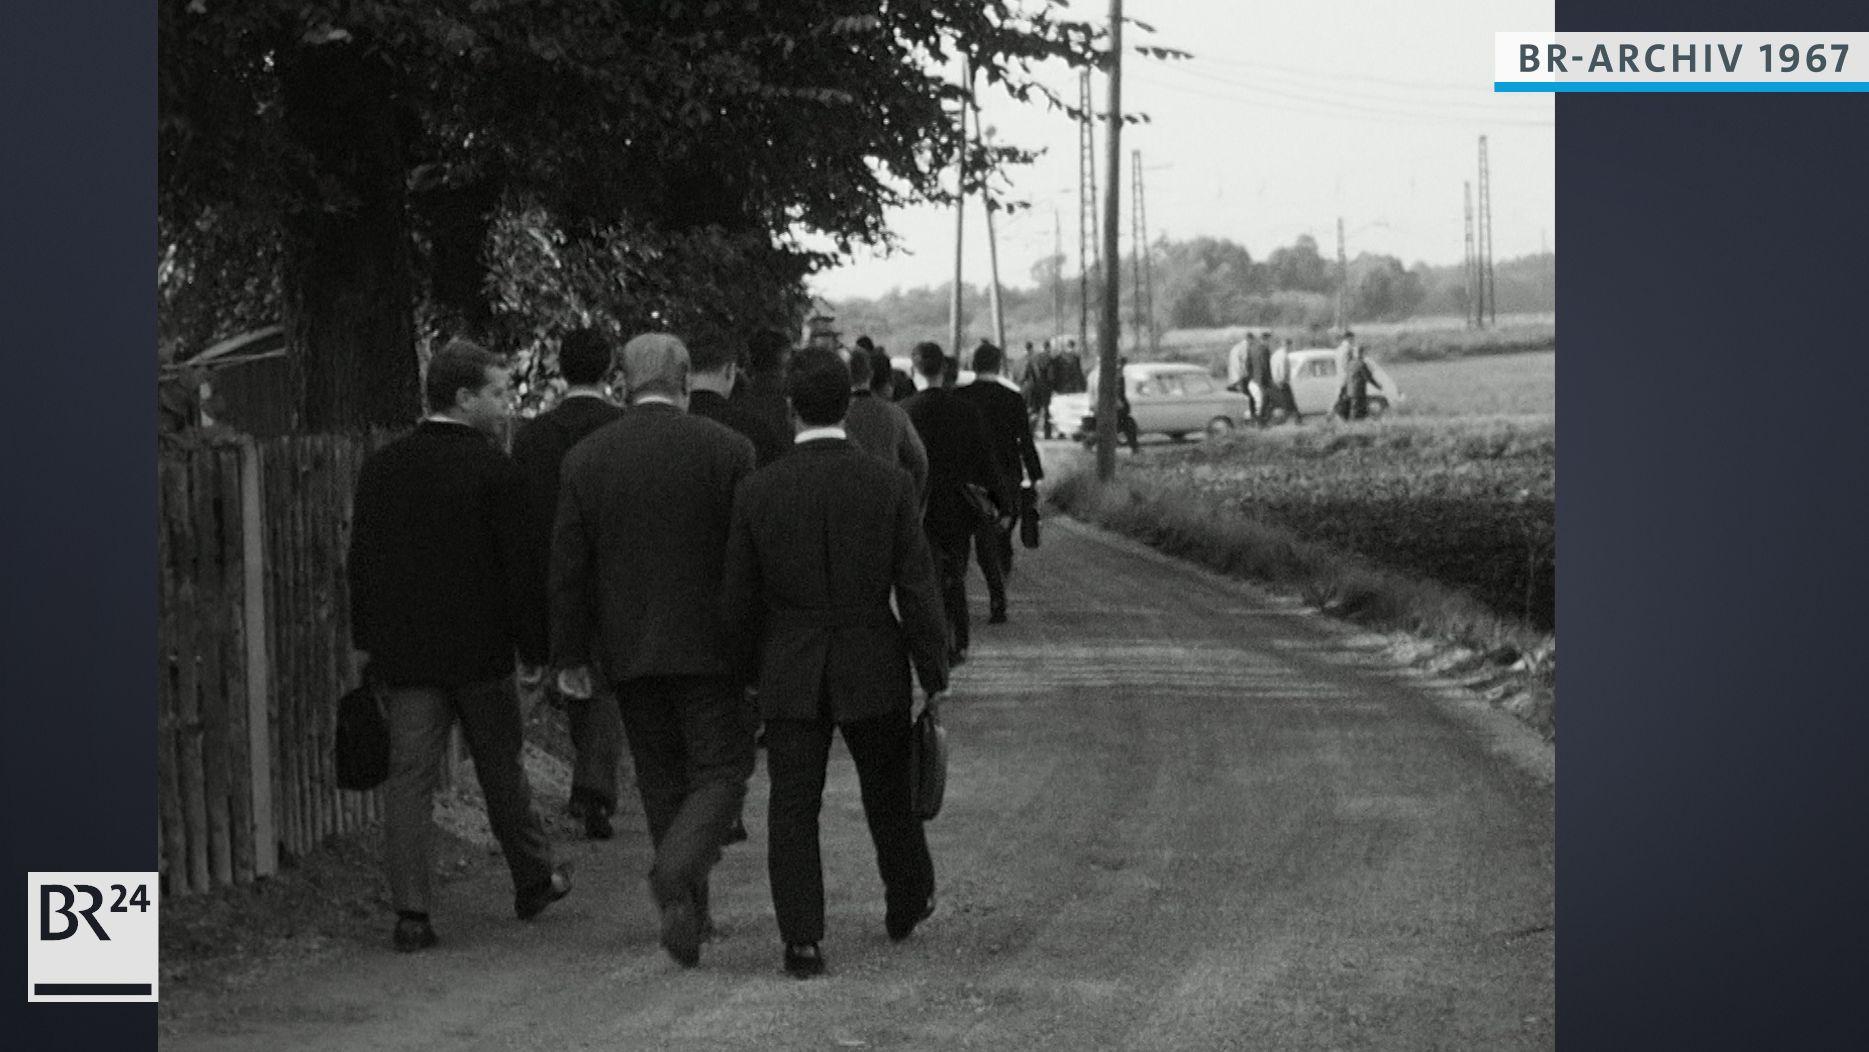 Arbeiter auf dem Weg zur Arbeit